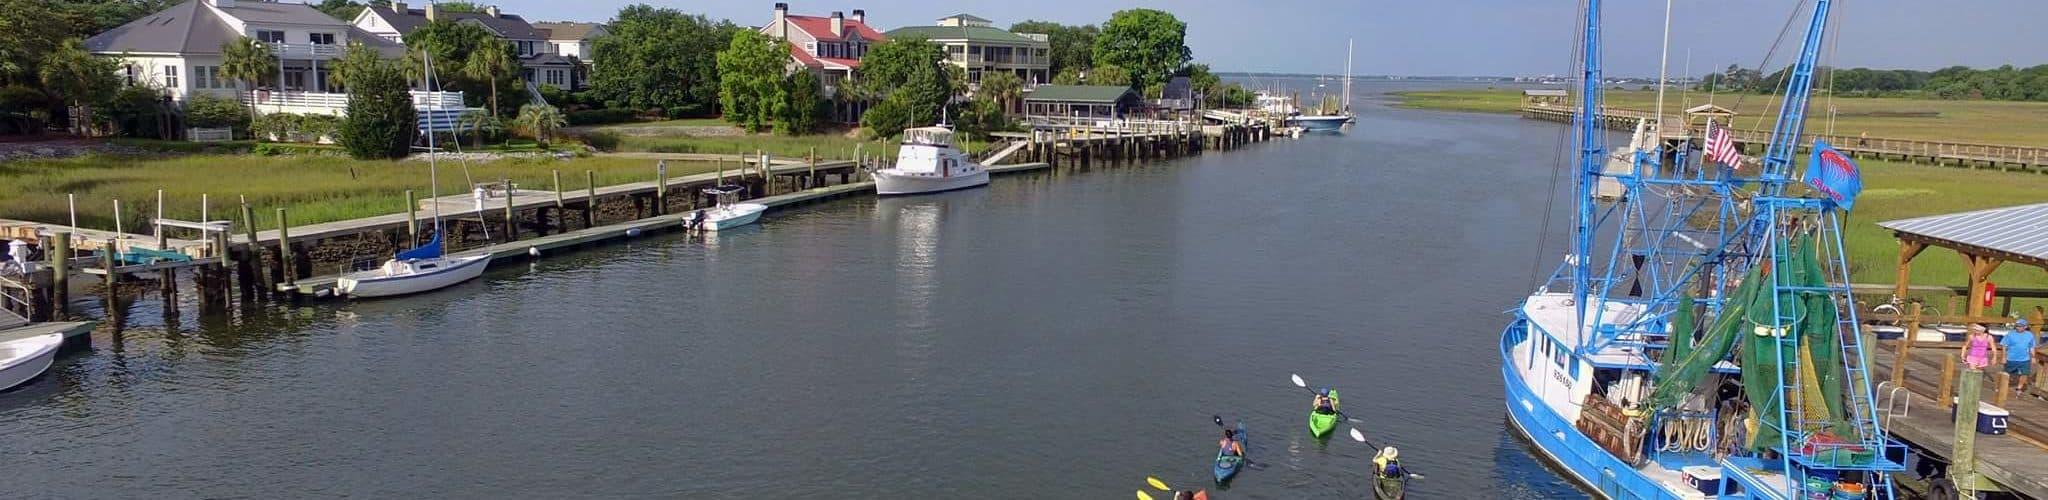 Shem Creek - Charleston, SC